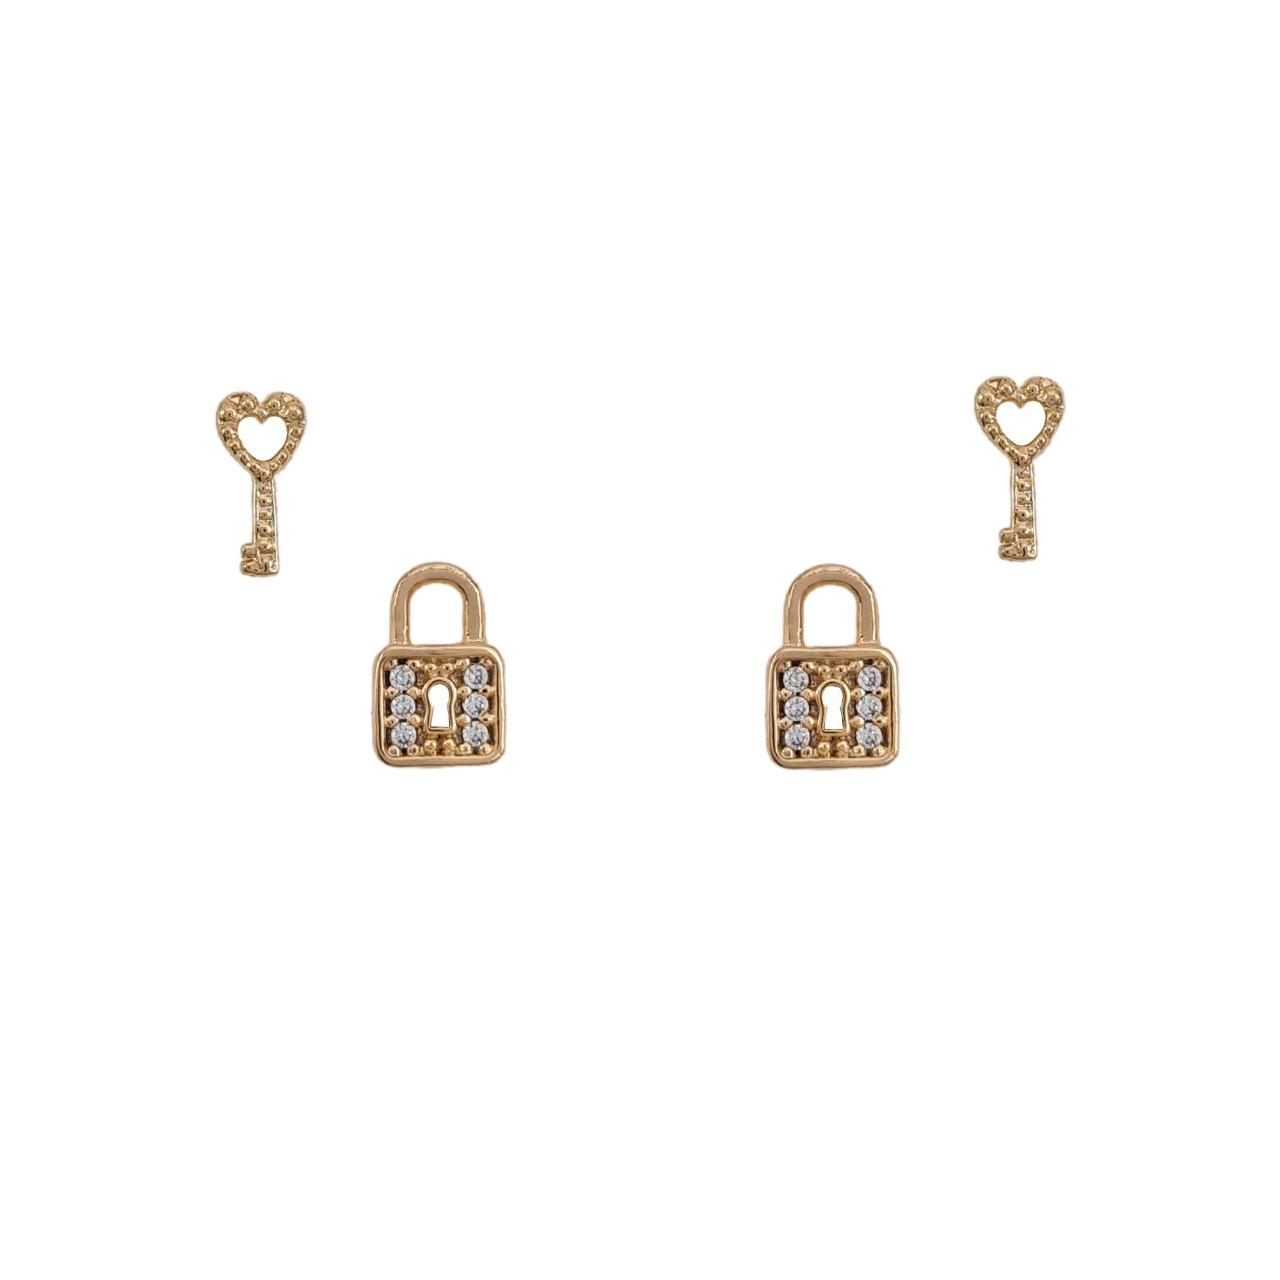 Brinco dupla cadeado e chave cravejado banho de ouro 18k